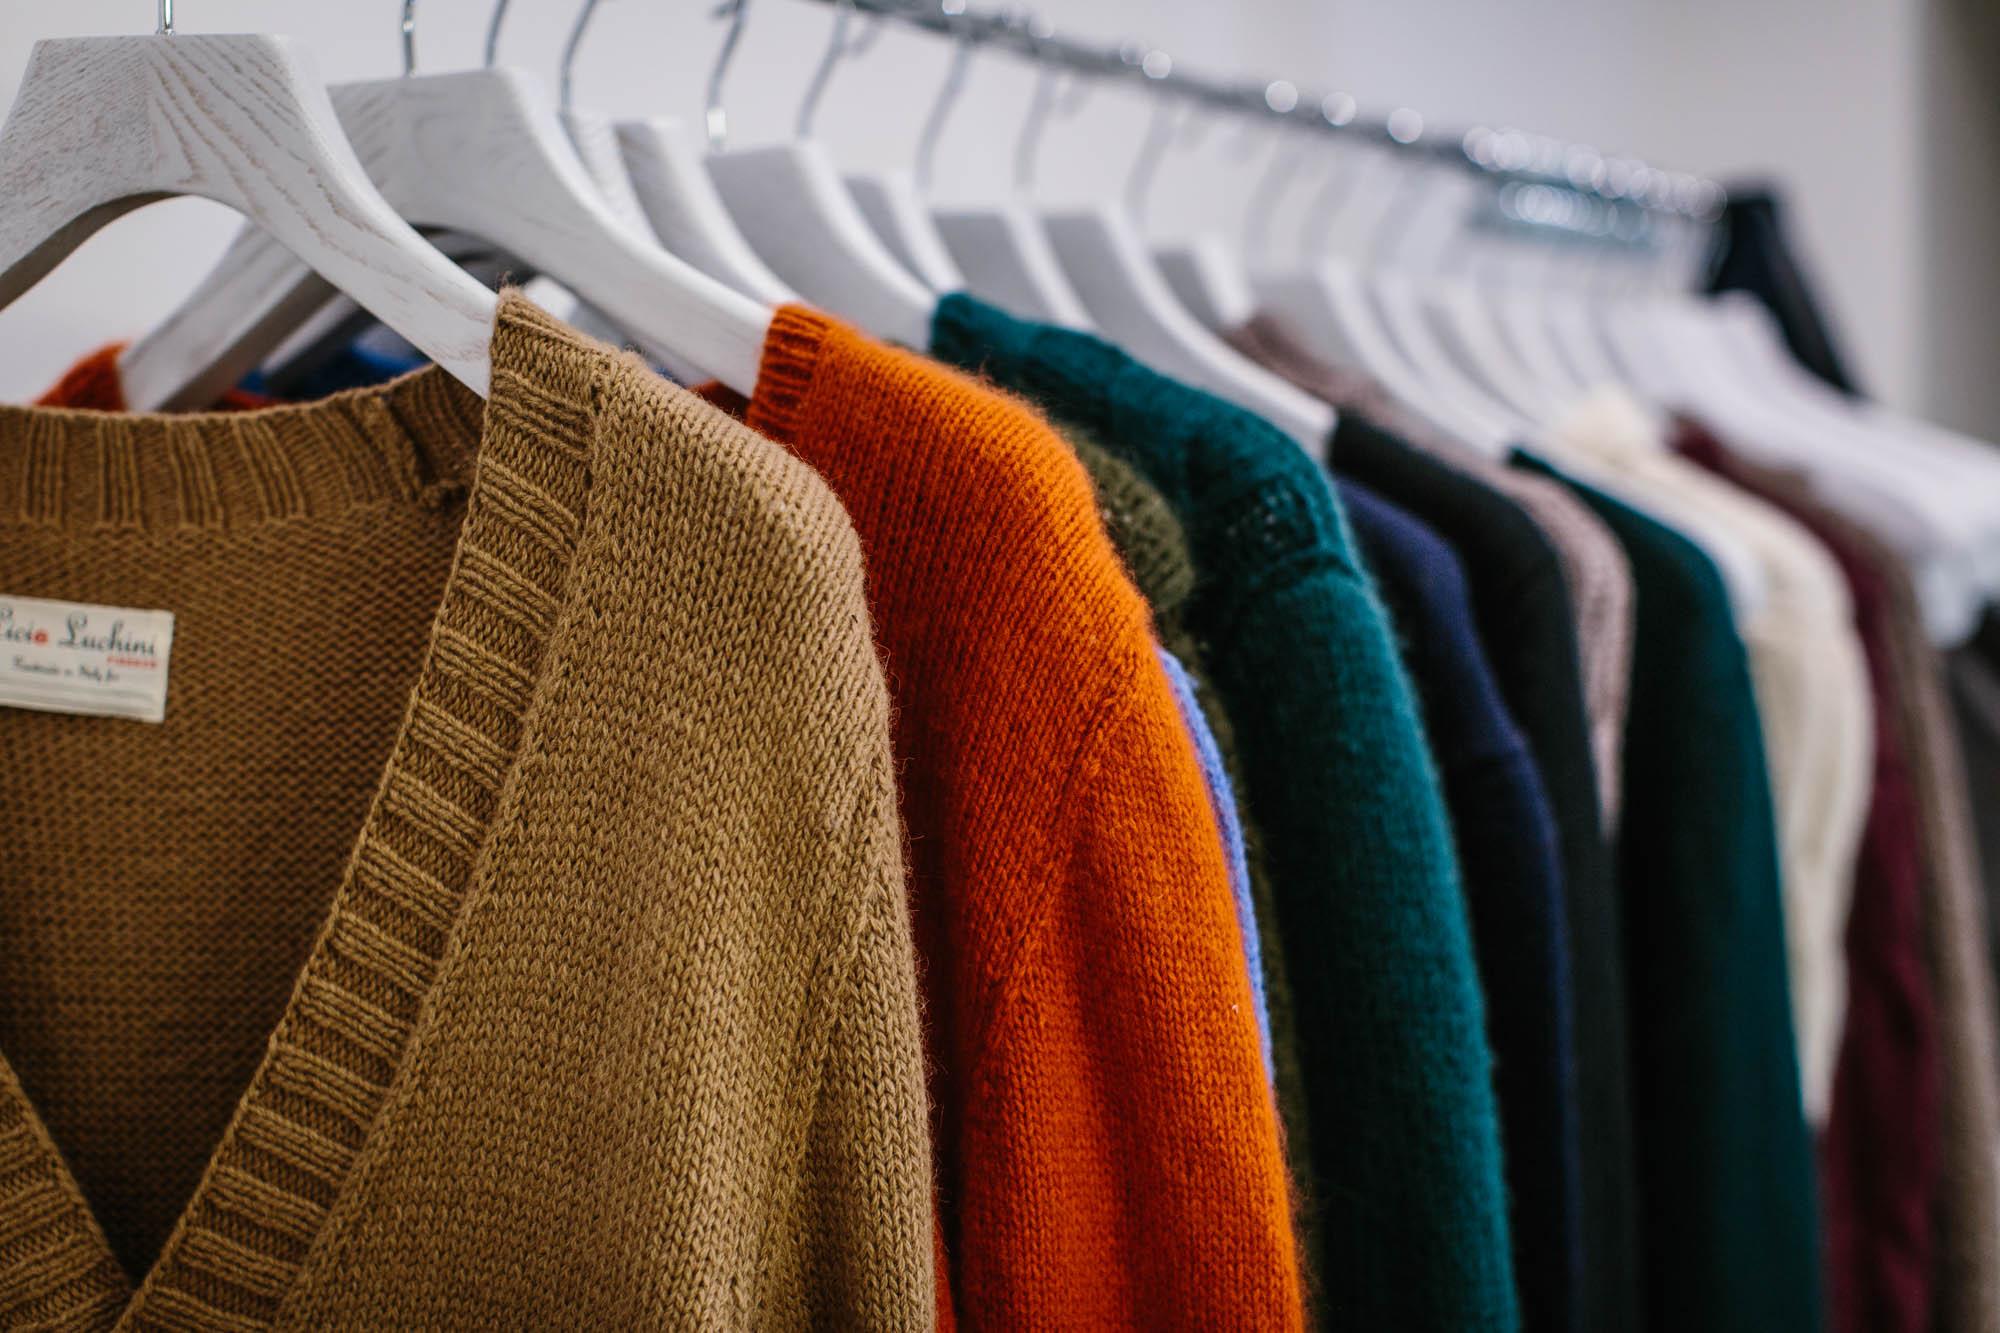 Licia Luchini: Bespoke knitwear, Florence – Permanent Style